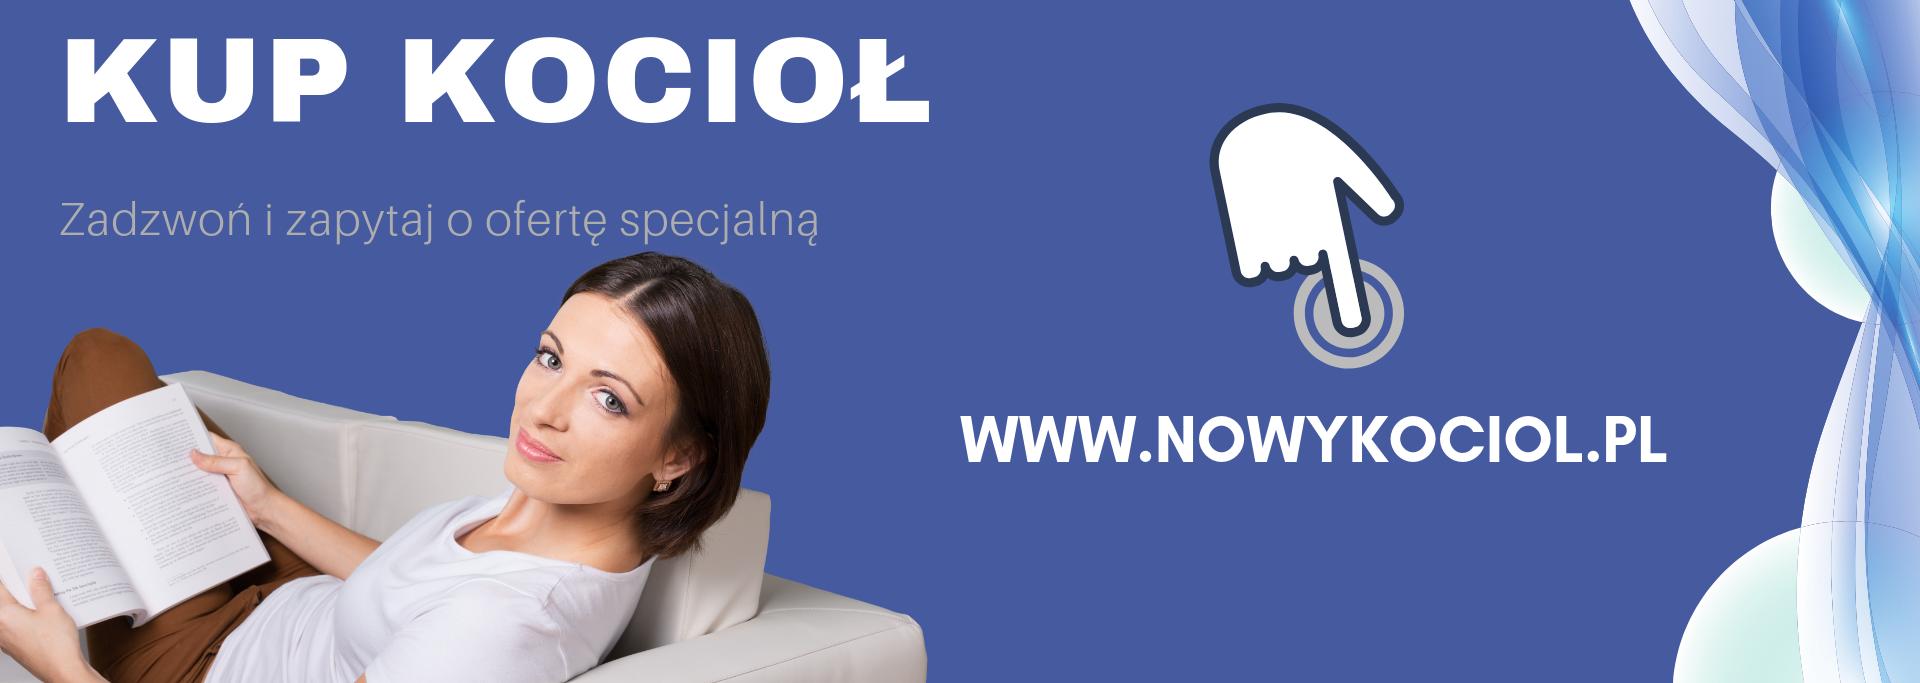 Proserwis - sprzedaż kotłów gazowych na terenie Warszawy i okolic